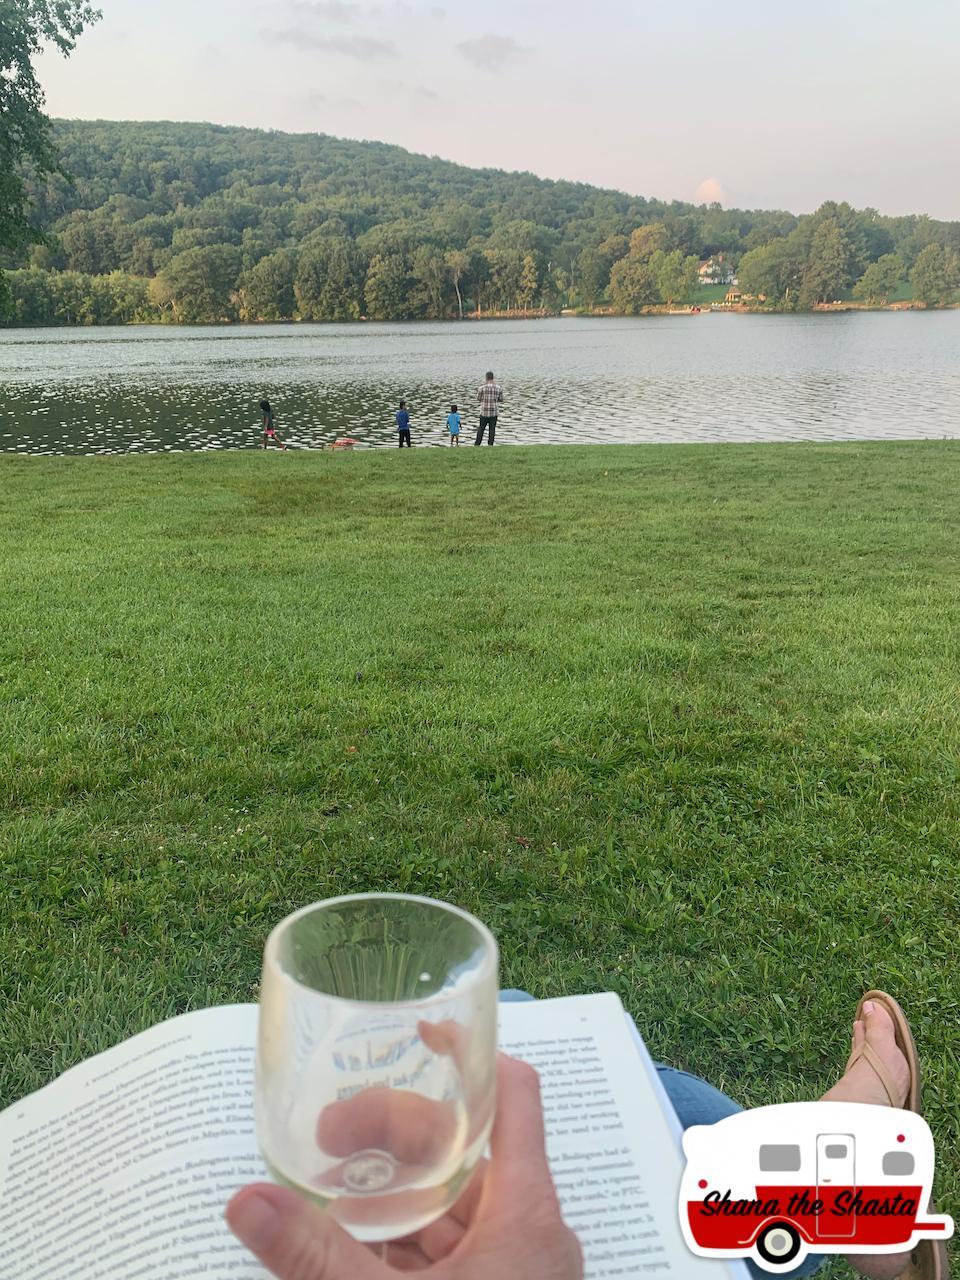 Afternoon-White-Wine-at-Lake-Waramaug-Shore